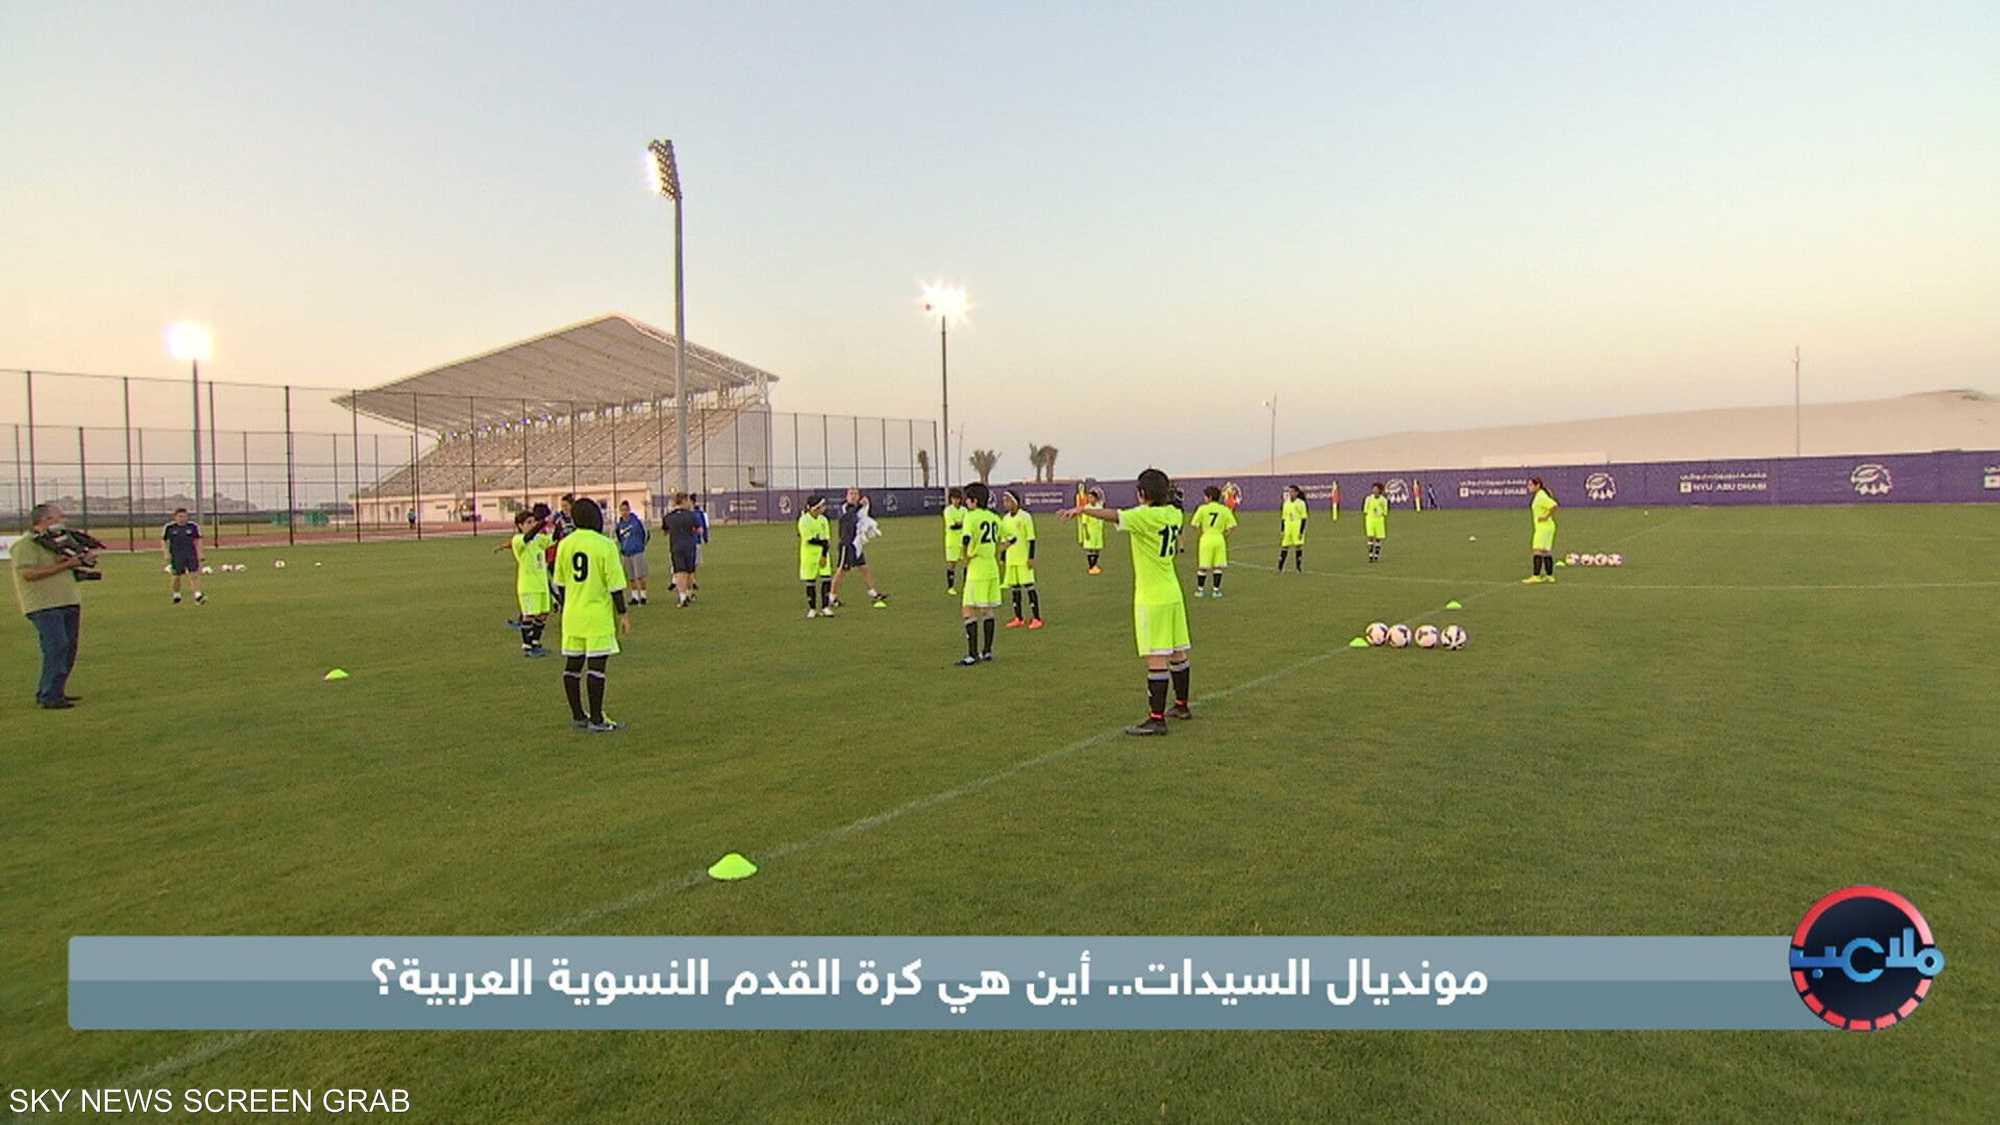 مونديال السيدات.. أين هي كرة القدم النسوية العربية؟